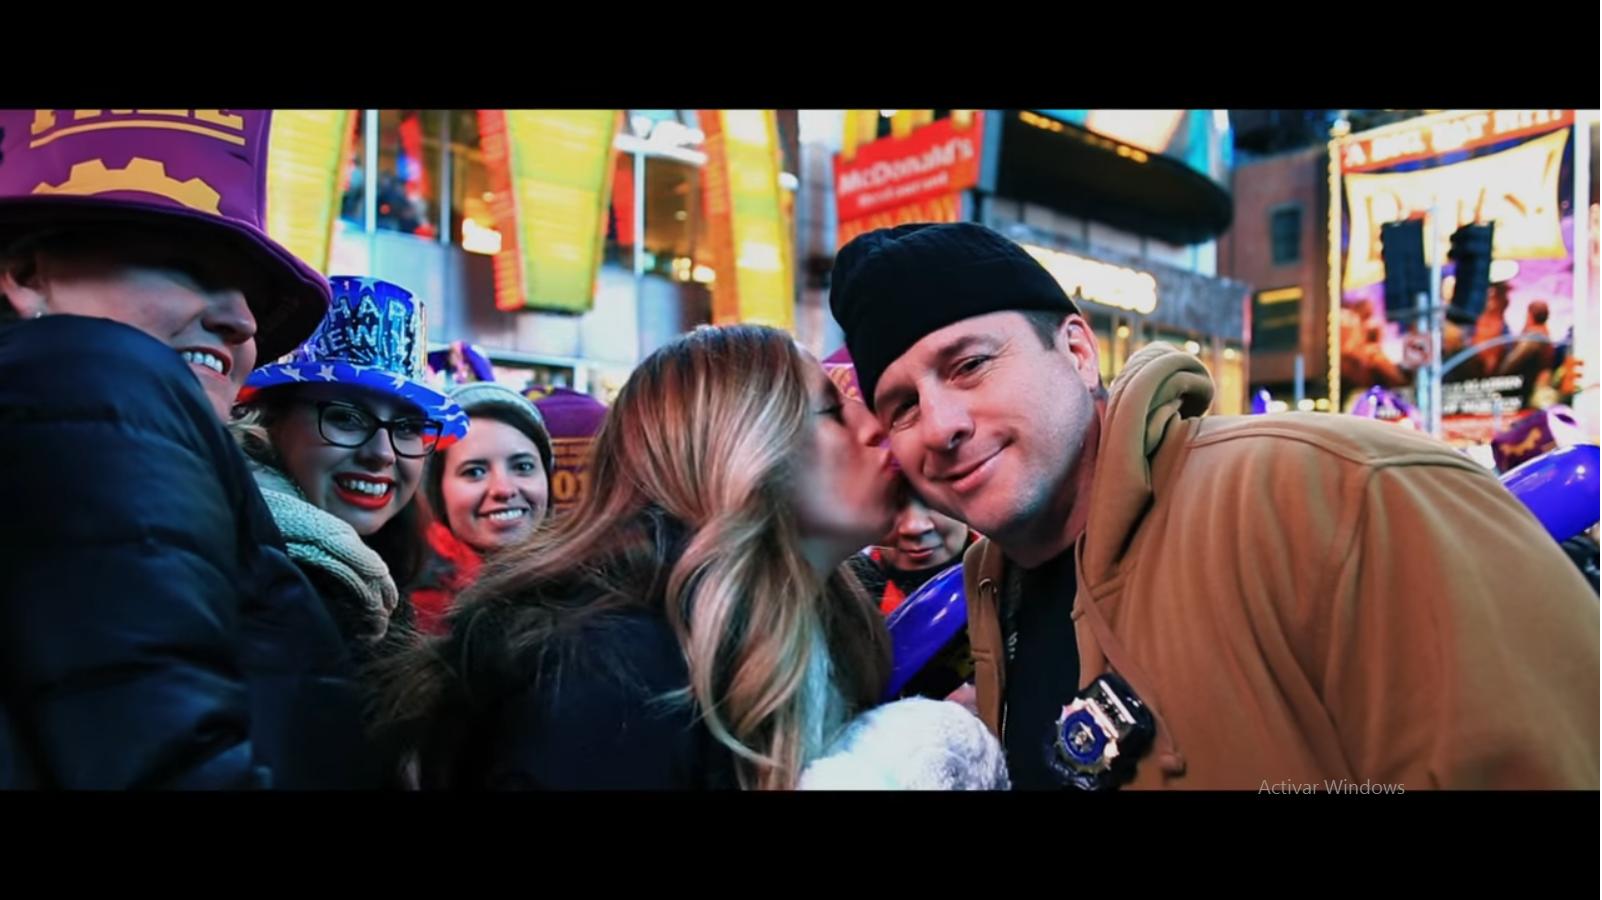 make it happen in peru ao nuevo 2016 en times square nueva york